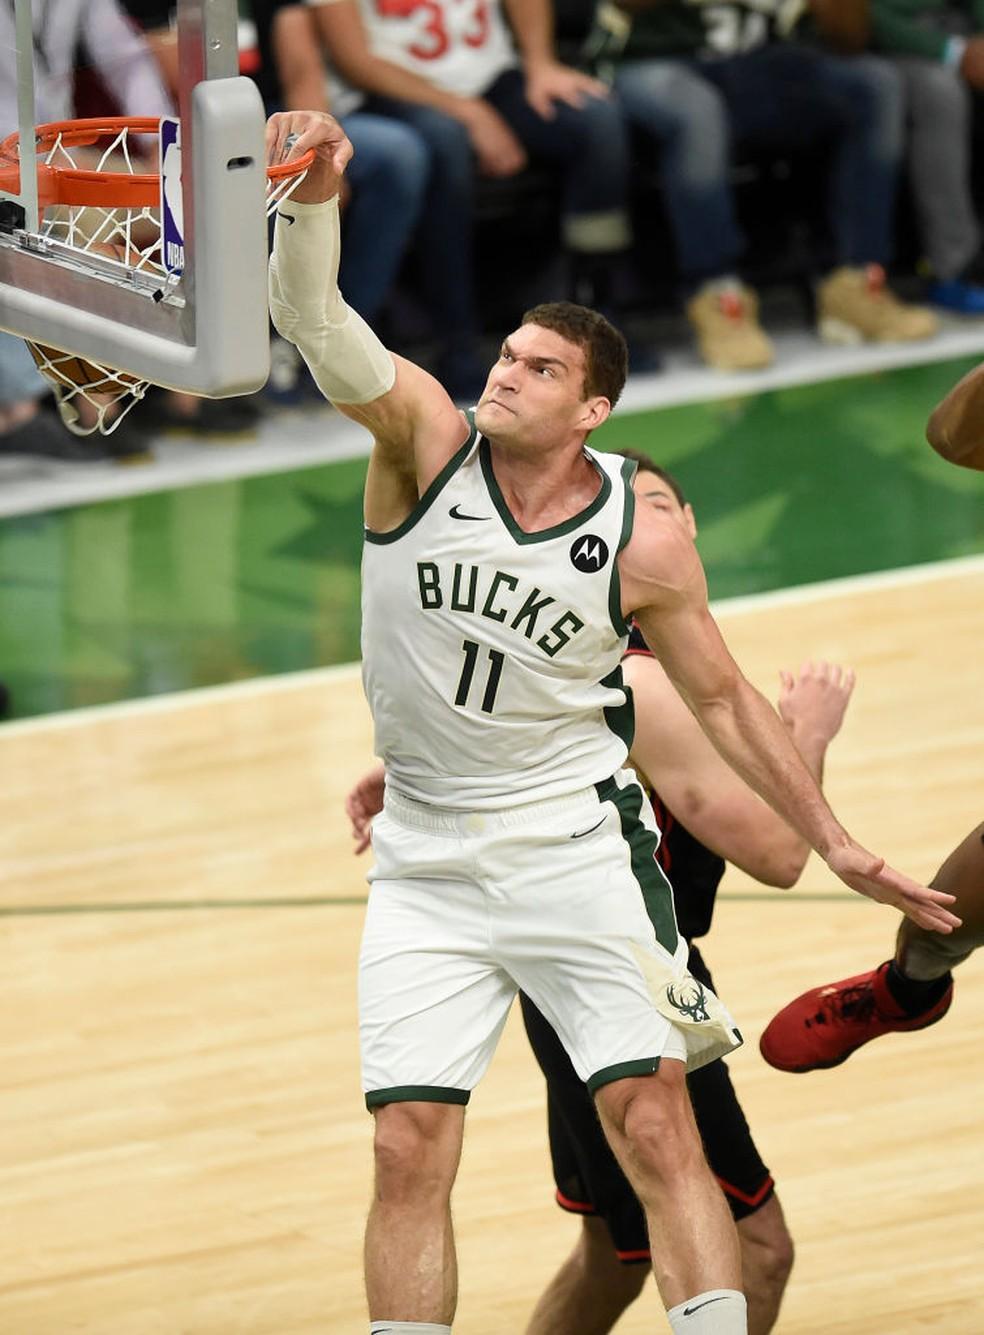 Lopez foi o cestinha do jogo — Foto: Patrick McDermott/Getty Images